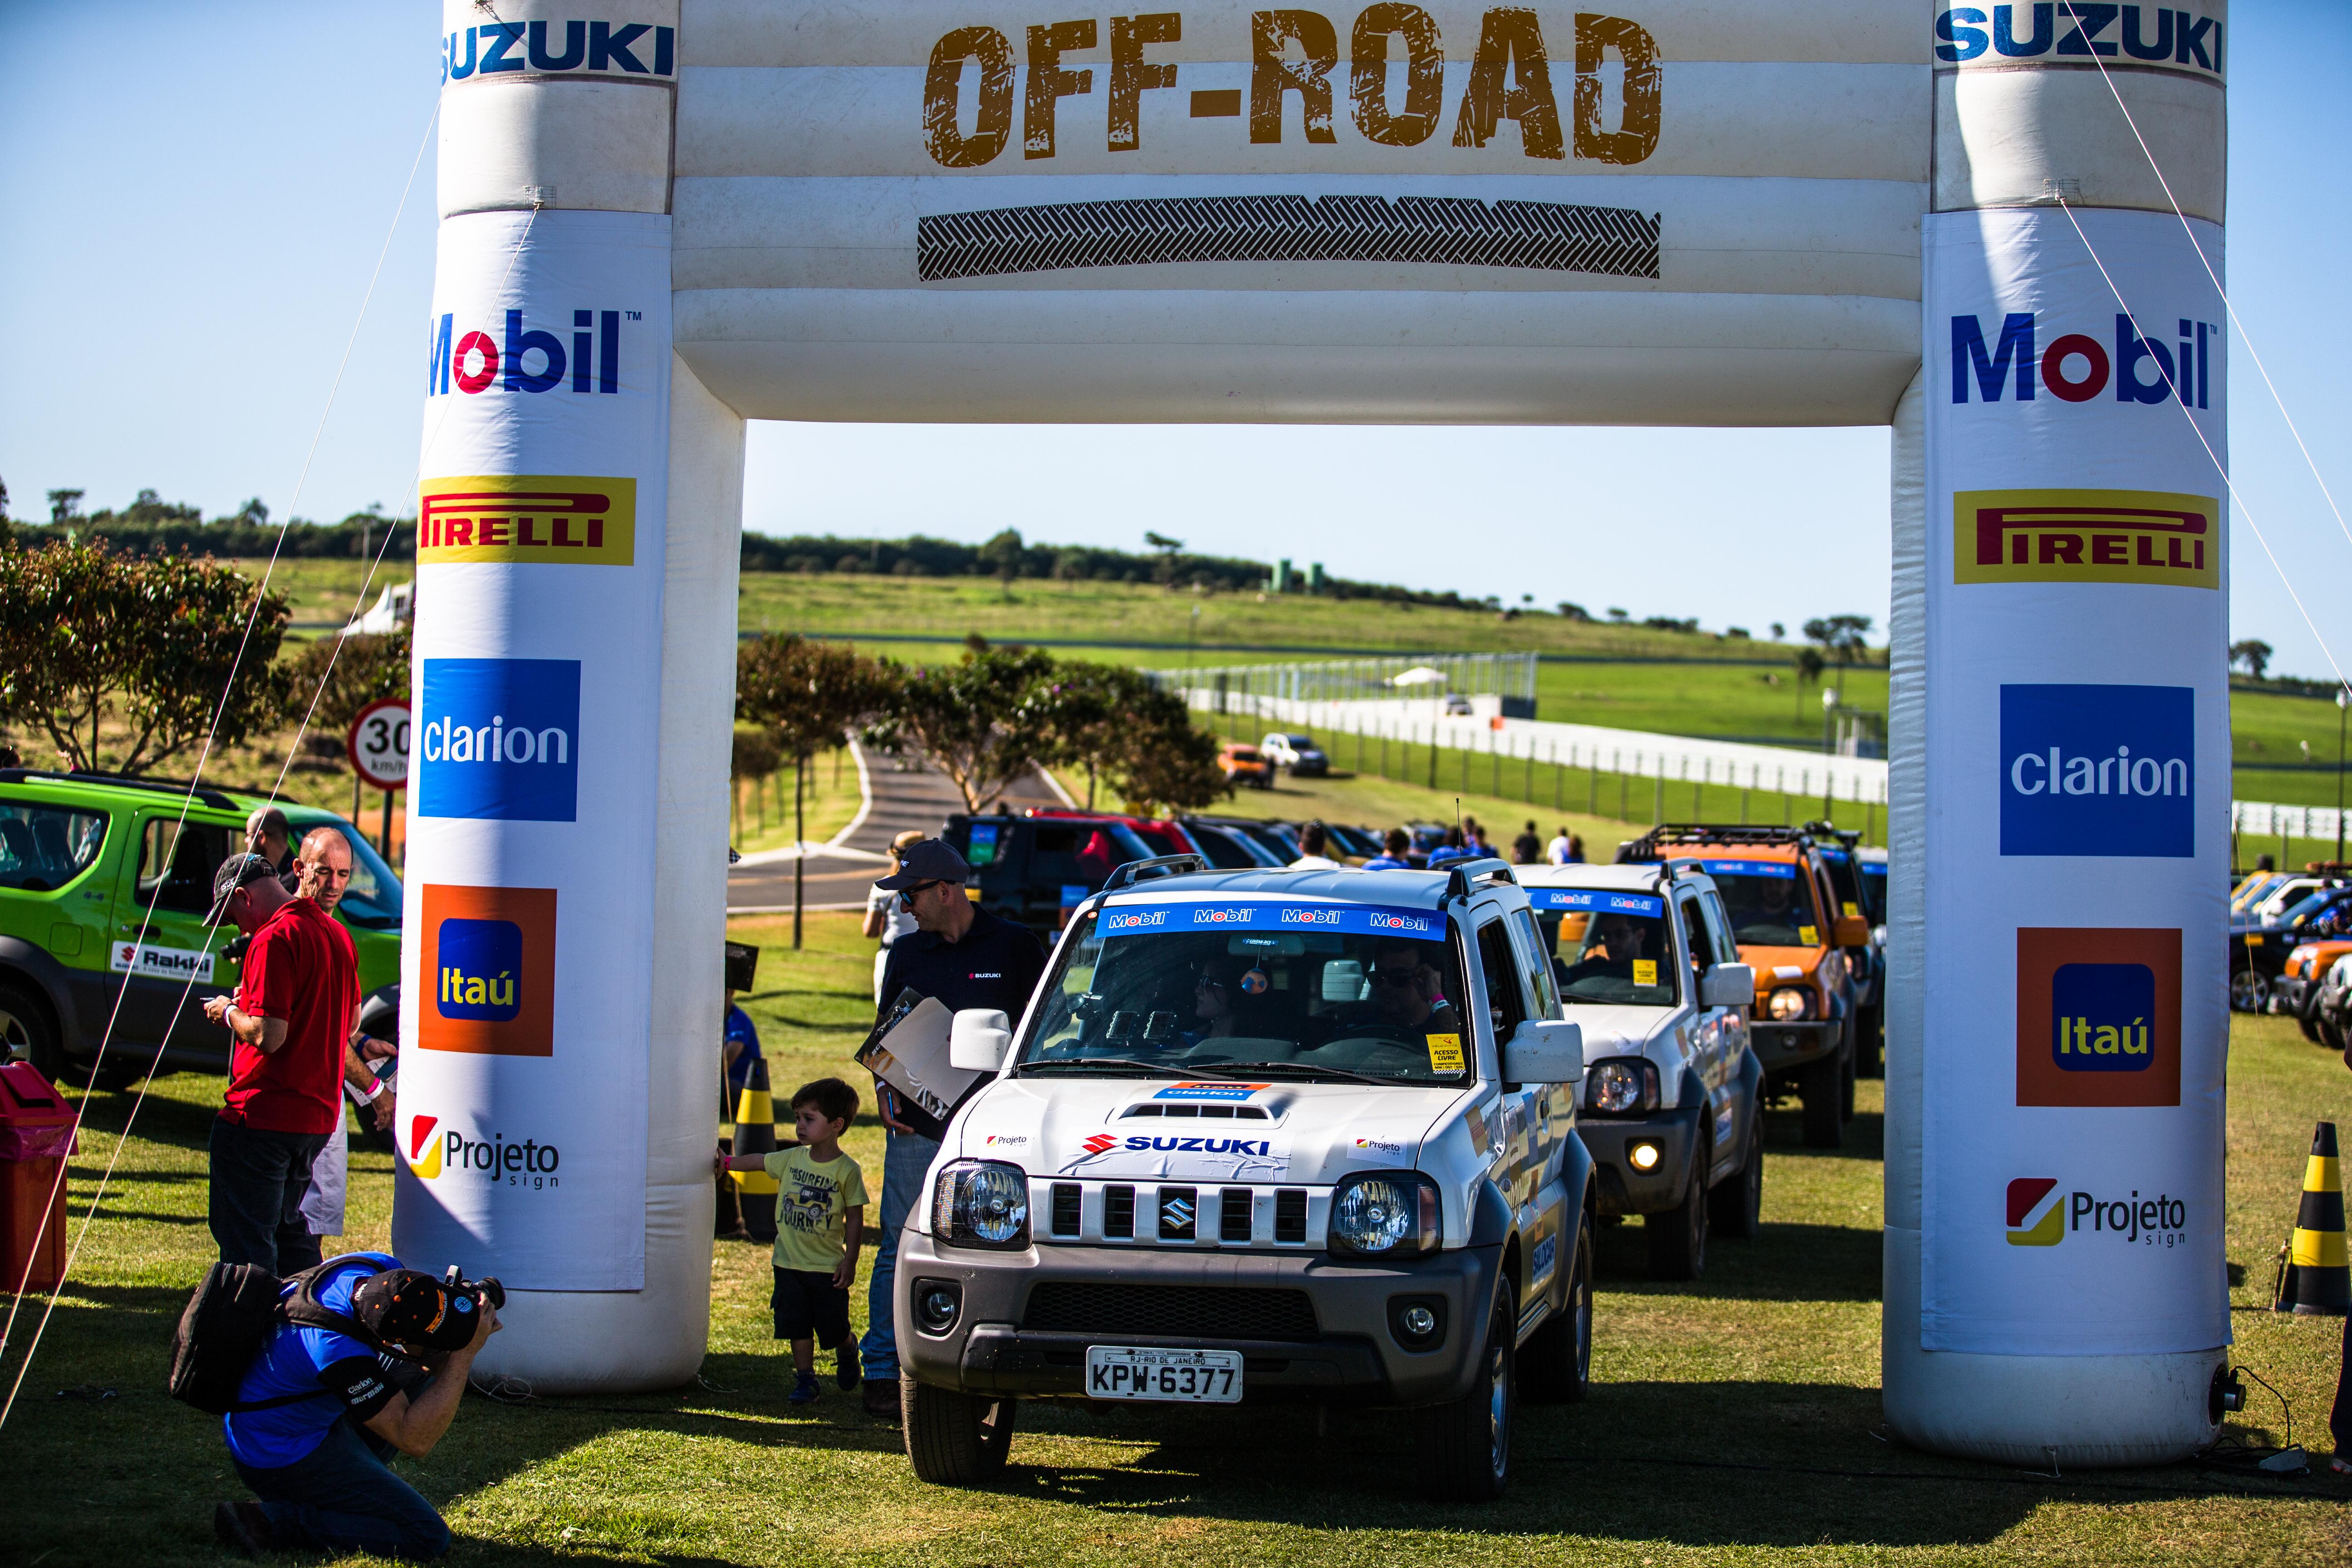 Suzuki Off-Road 1